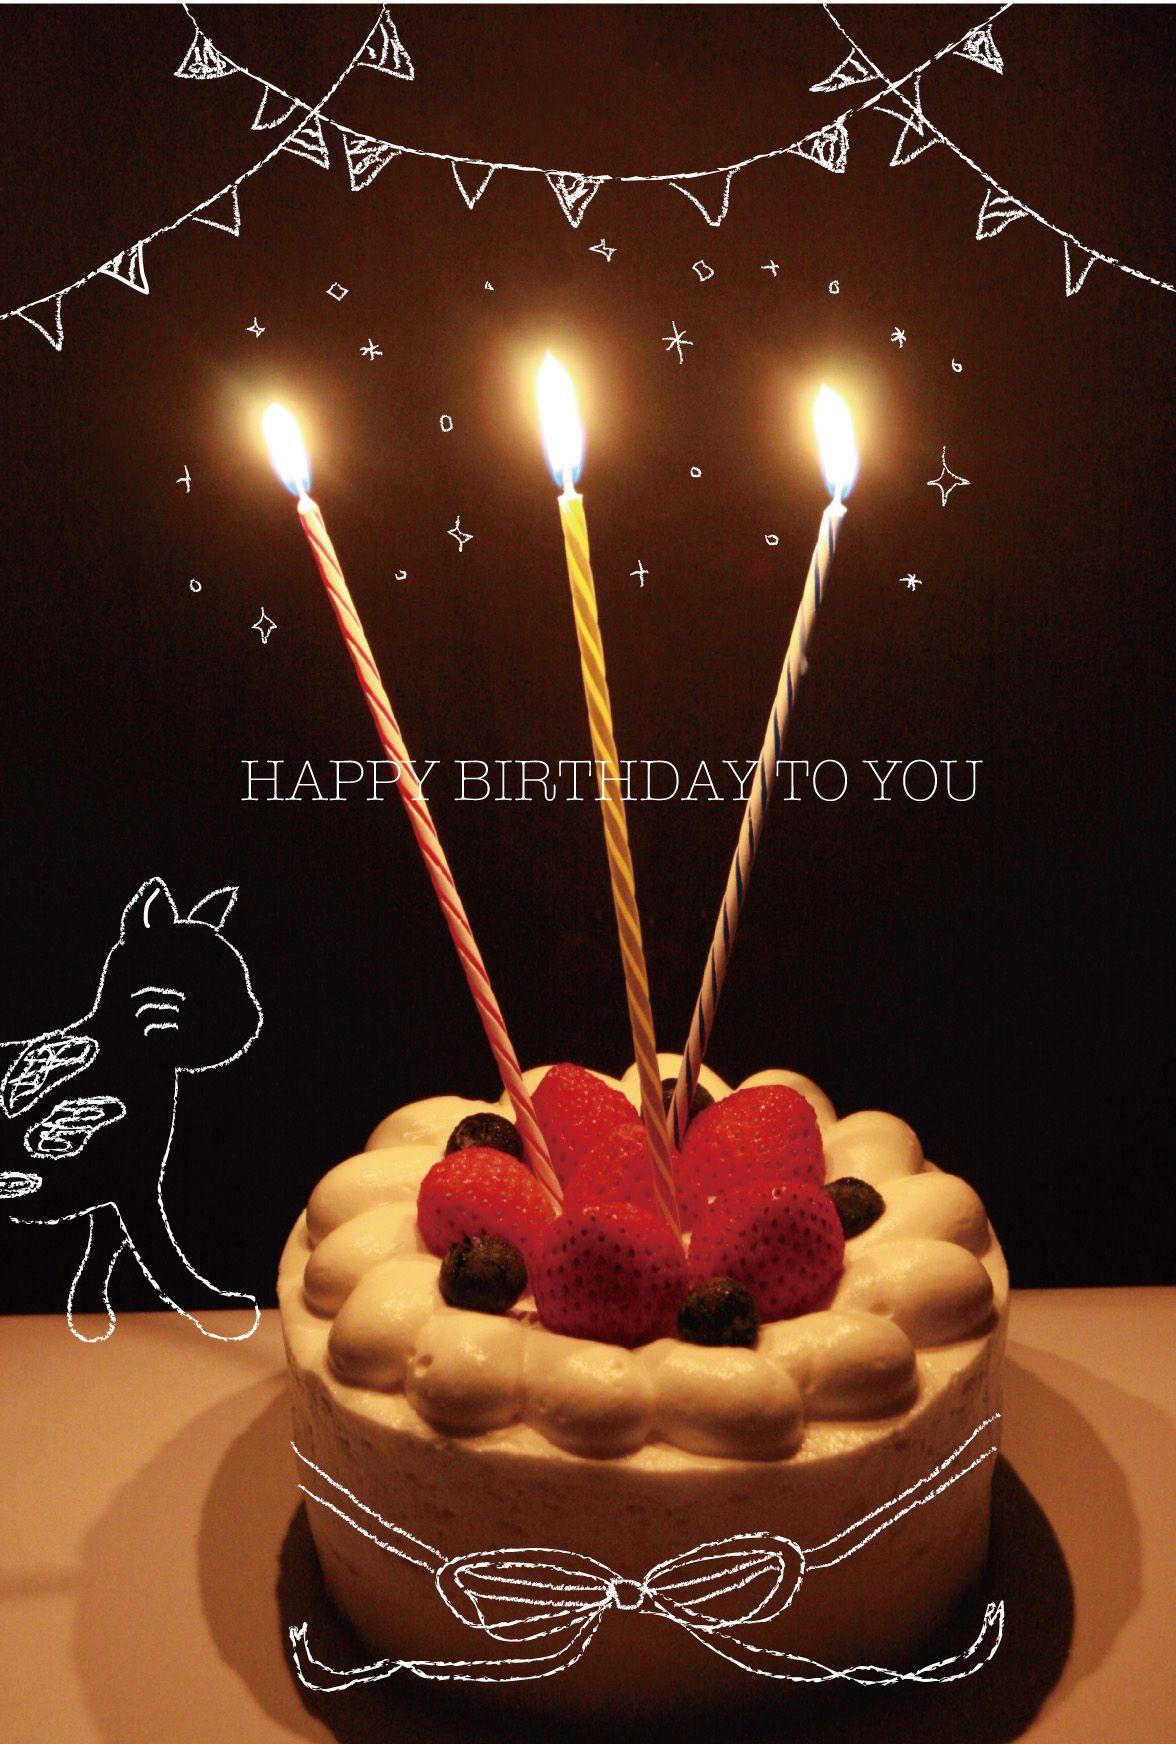 Our Products おしゃれまとめの人気アイデア Pinterest 3ponds バースデーキャンドル ハッピーバースデー 誕生日 素材